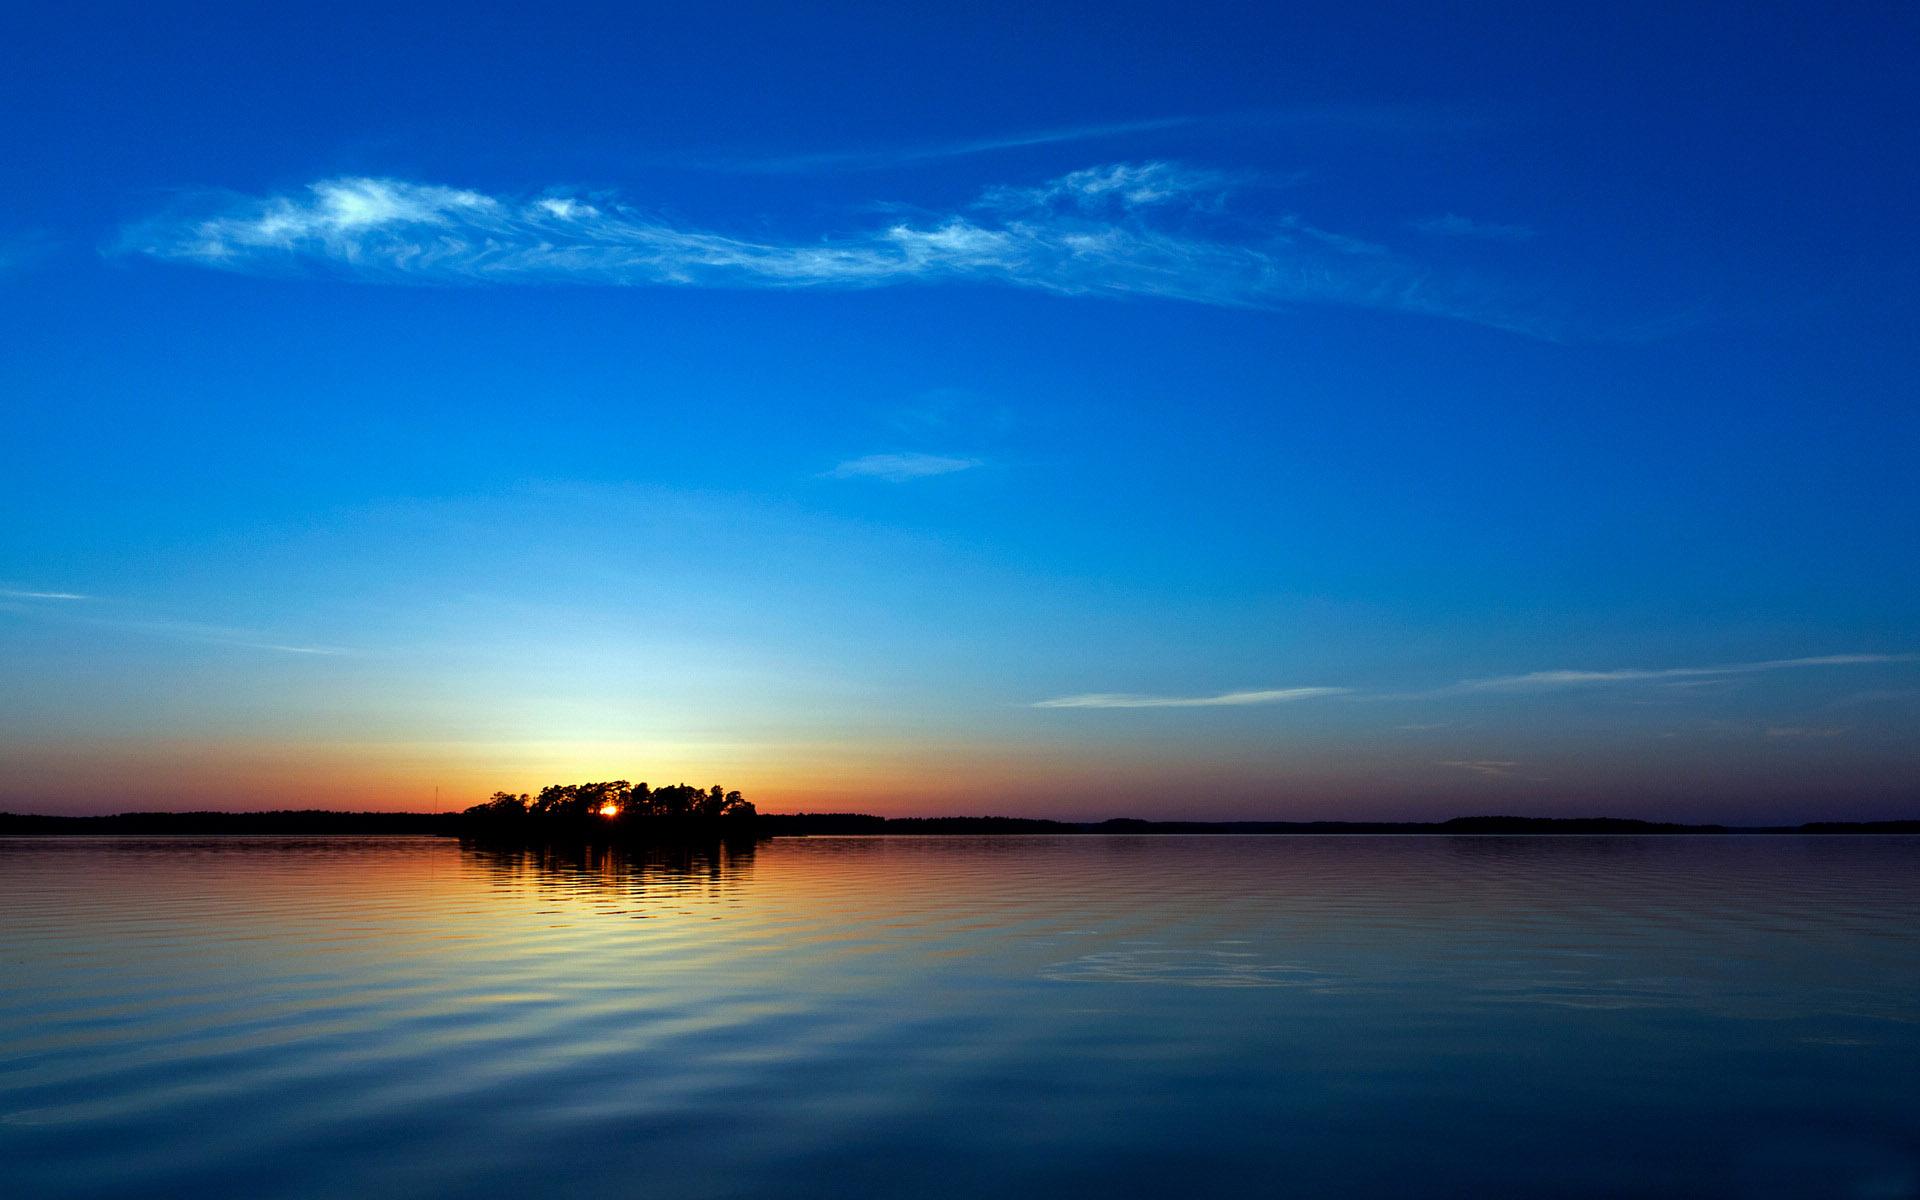 蓝色天空唯美风景桌面壁纸 第二辑